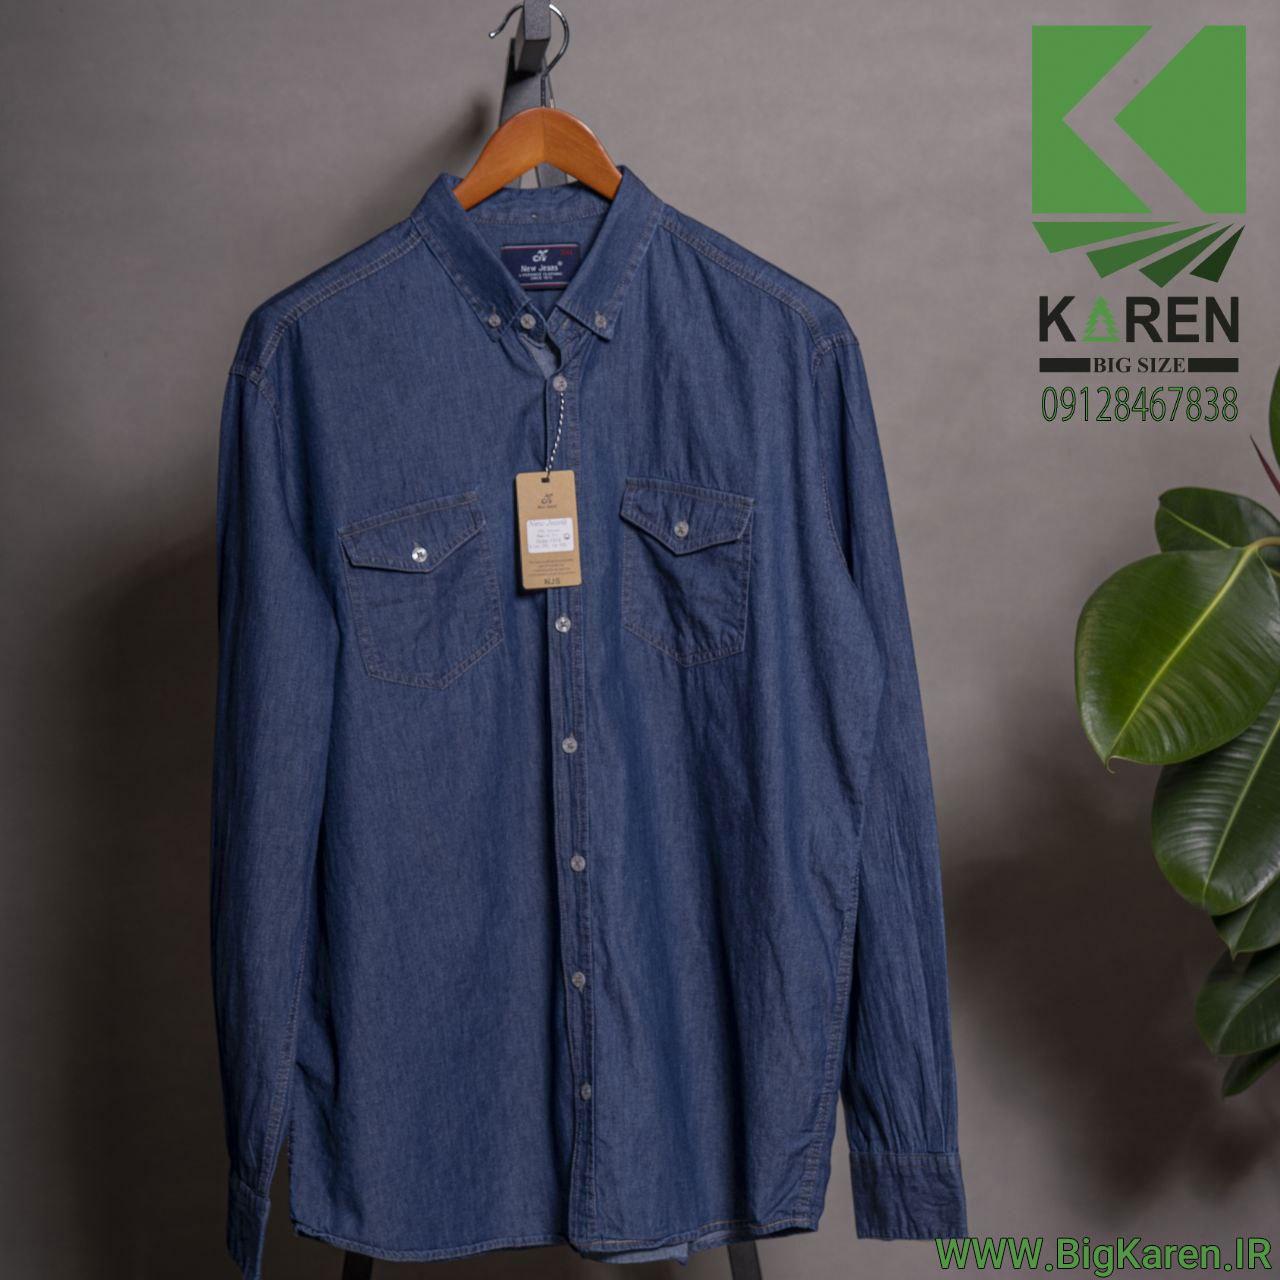 پیراهن سایز بزرگ جین مردانه دو جیب رنگ آبی وسط خرید اینترنتی از سایت بیگ کارن